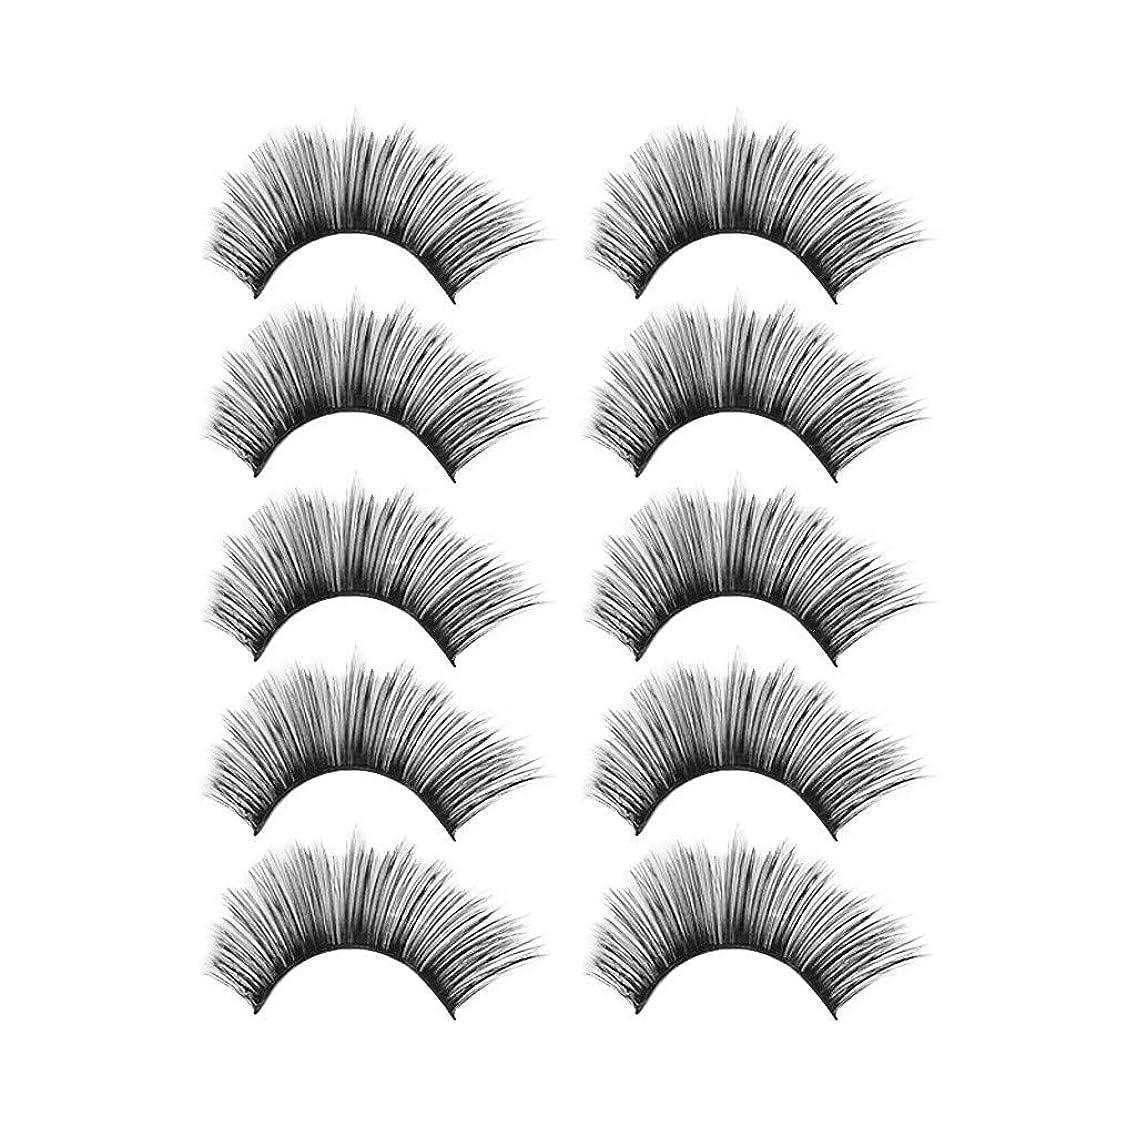 王族腸揃える贅沢な構造5Pair 3Dのまつげふわふわのストリップまつげの長く自然な党